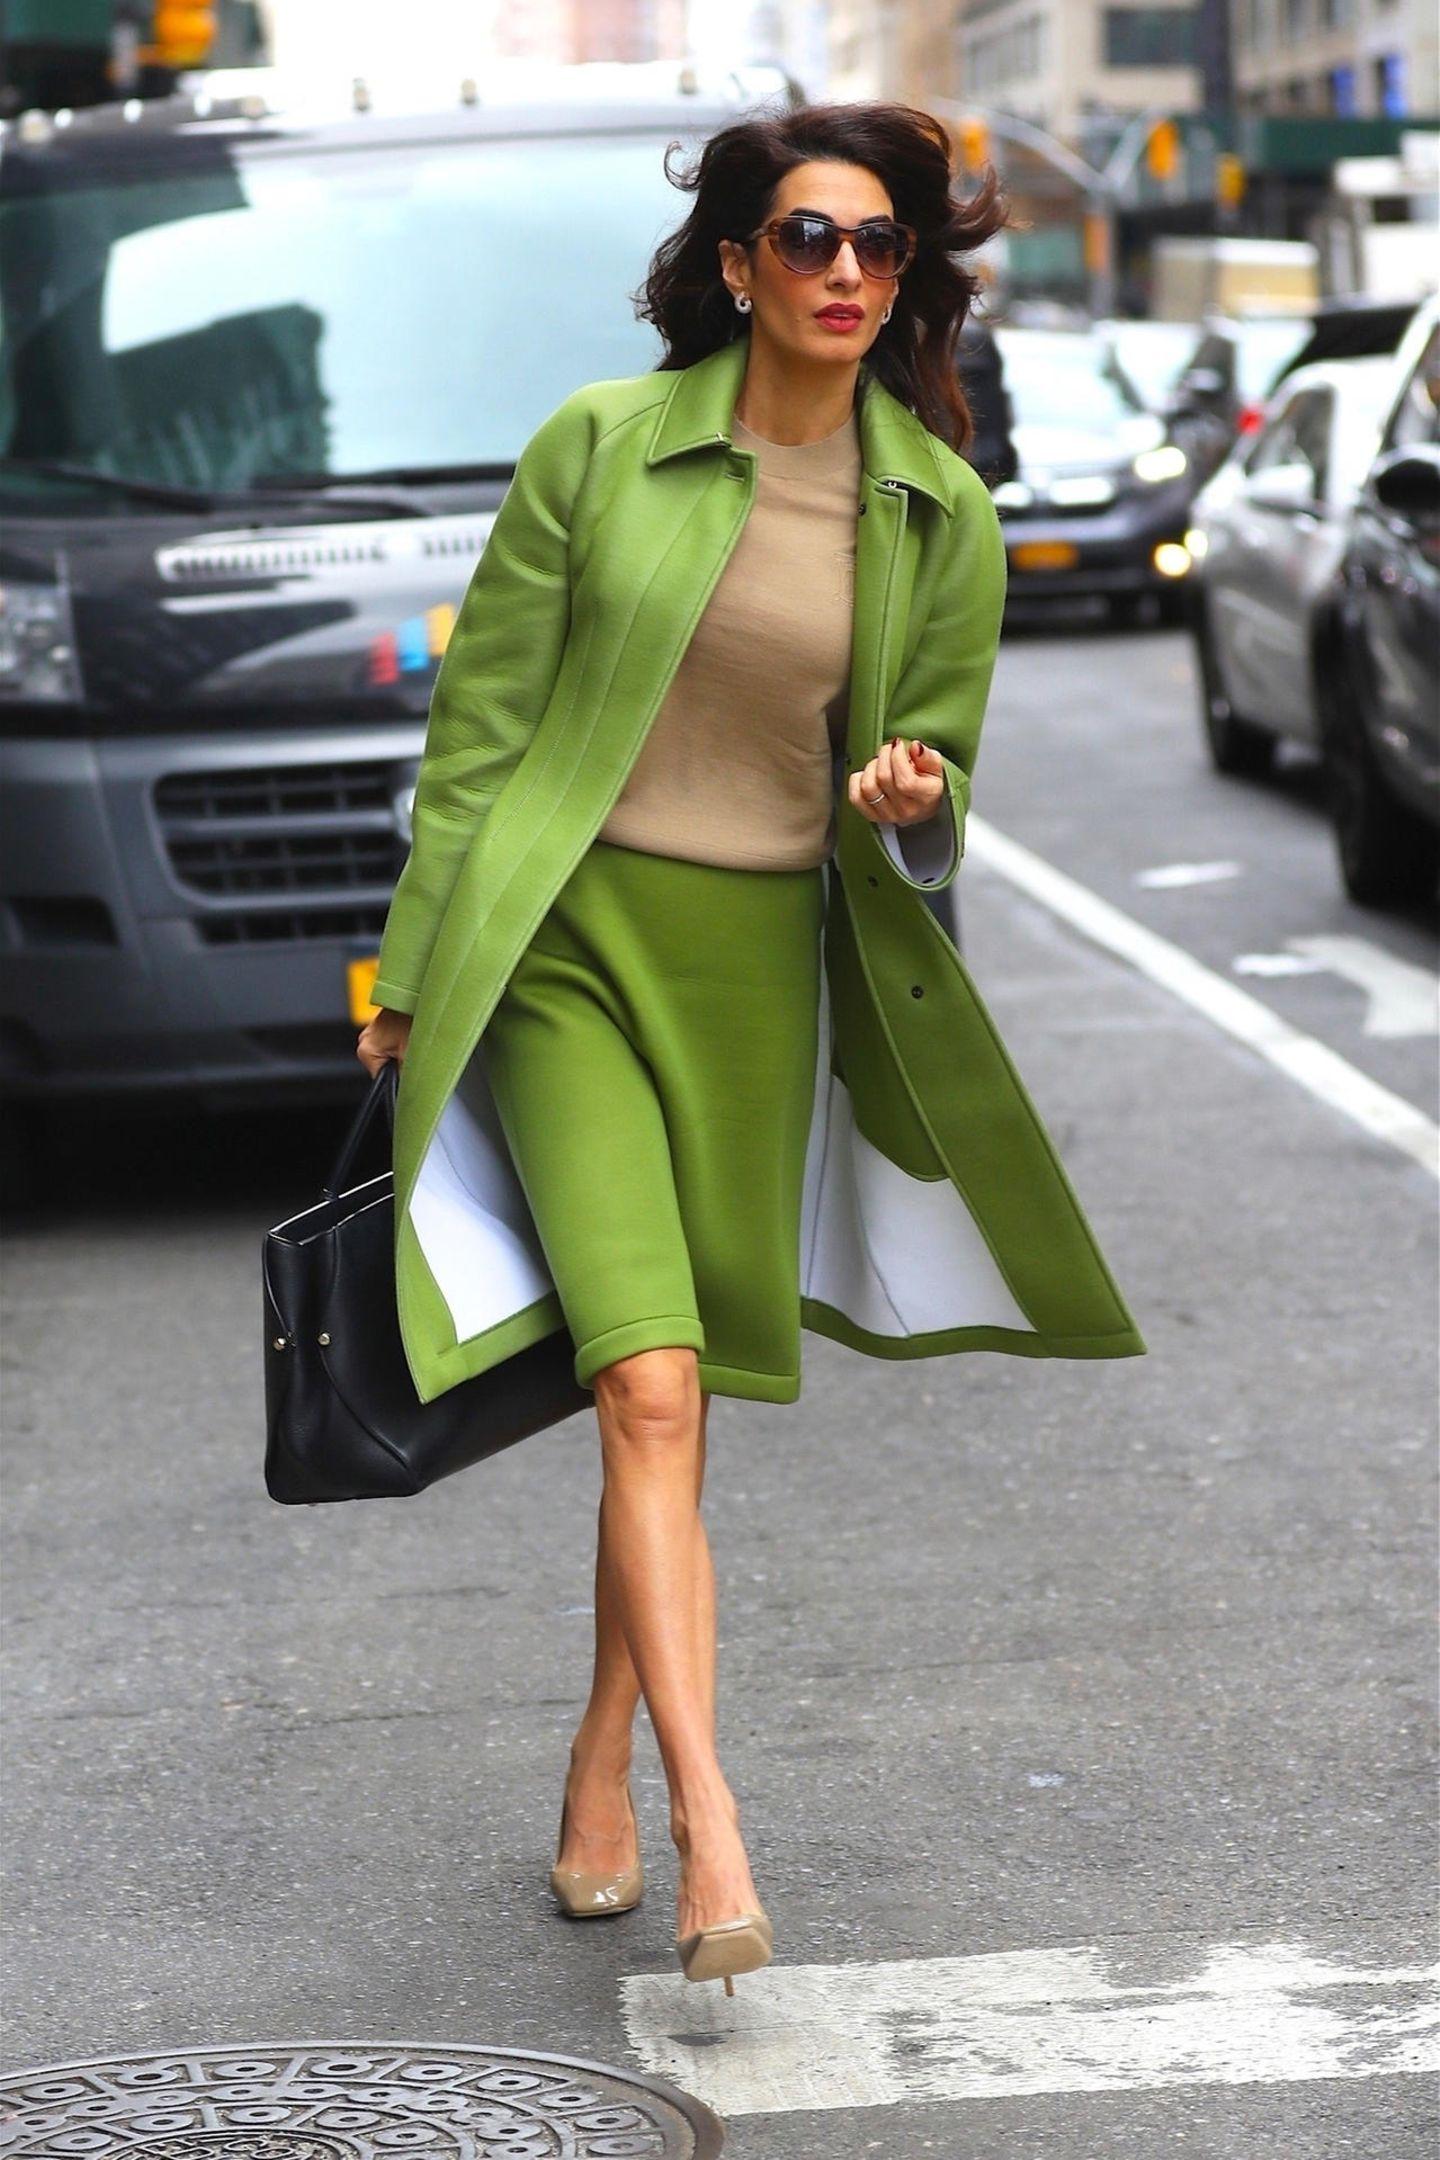 In diesem Look übersieht Amal Clooney garantiert niemand! Auf den Straßen New Yorks ist Amal in einem hellgrünen Neopren-Ensemble von Burberry unterwegs. Ein ausgefallener, aber dennoch klassischer Look - zumal die stilbewusste Anwältin bei der Schuhwahl (ebenfalls von Burberry) ein zurückhaltenderes Modell wählt. Ein Luxus-Outfit für um die 3.600 Euro.